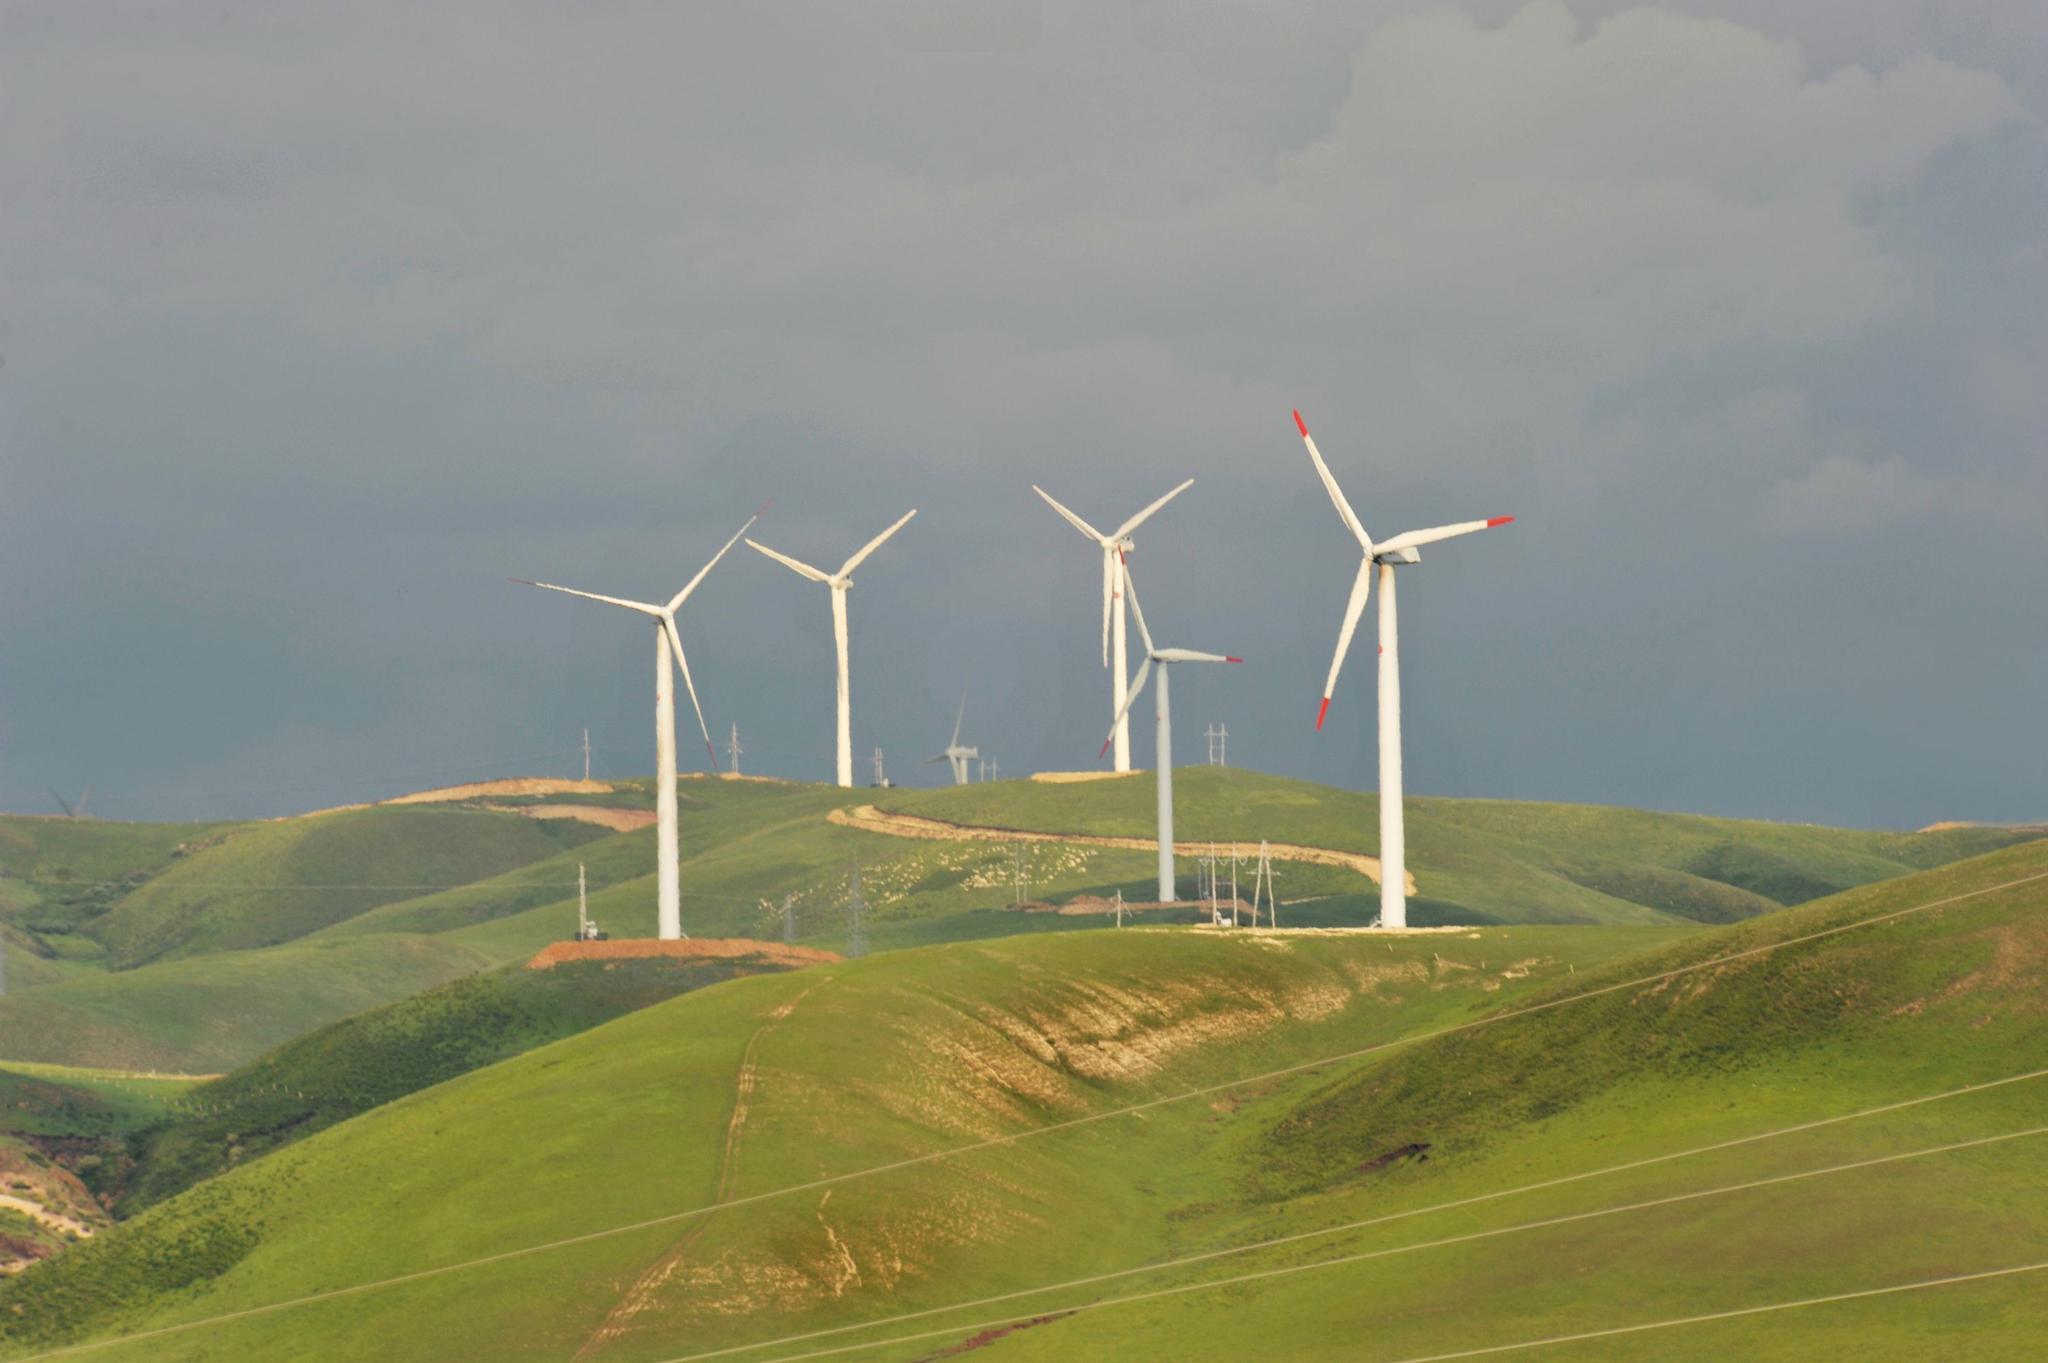 内蒙吉林试点风电供暖 促清洁能源就地消纳不再弃风